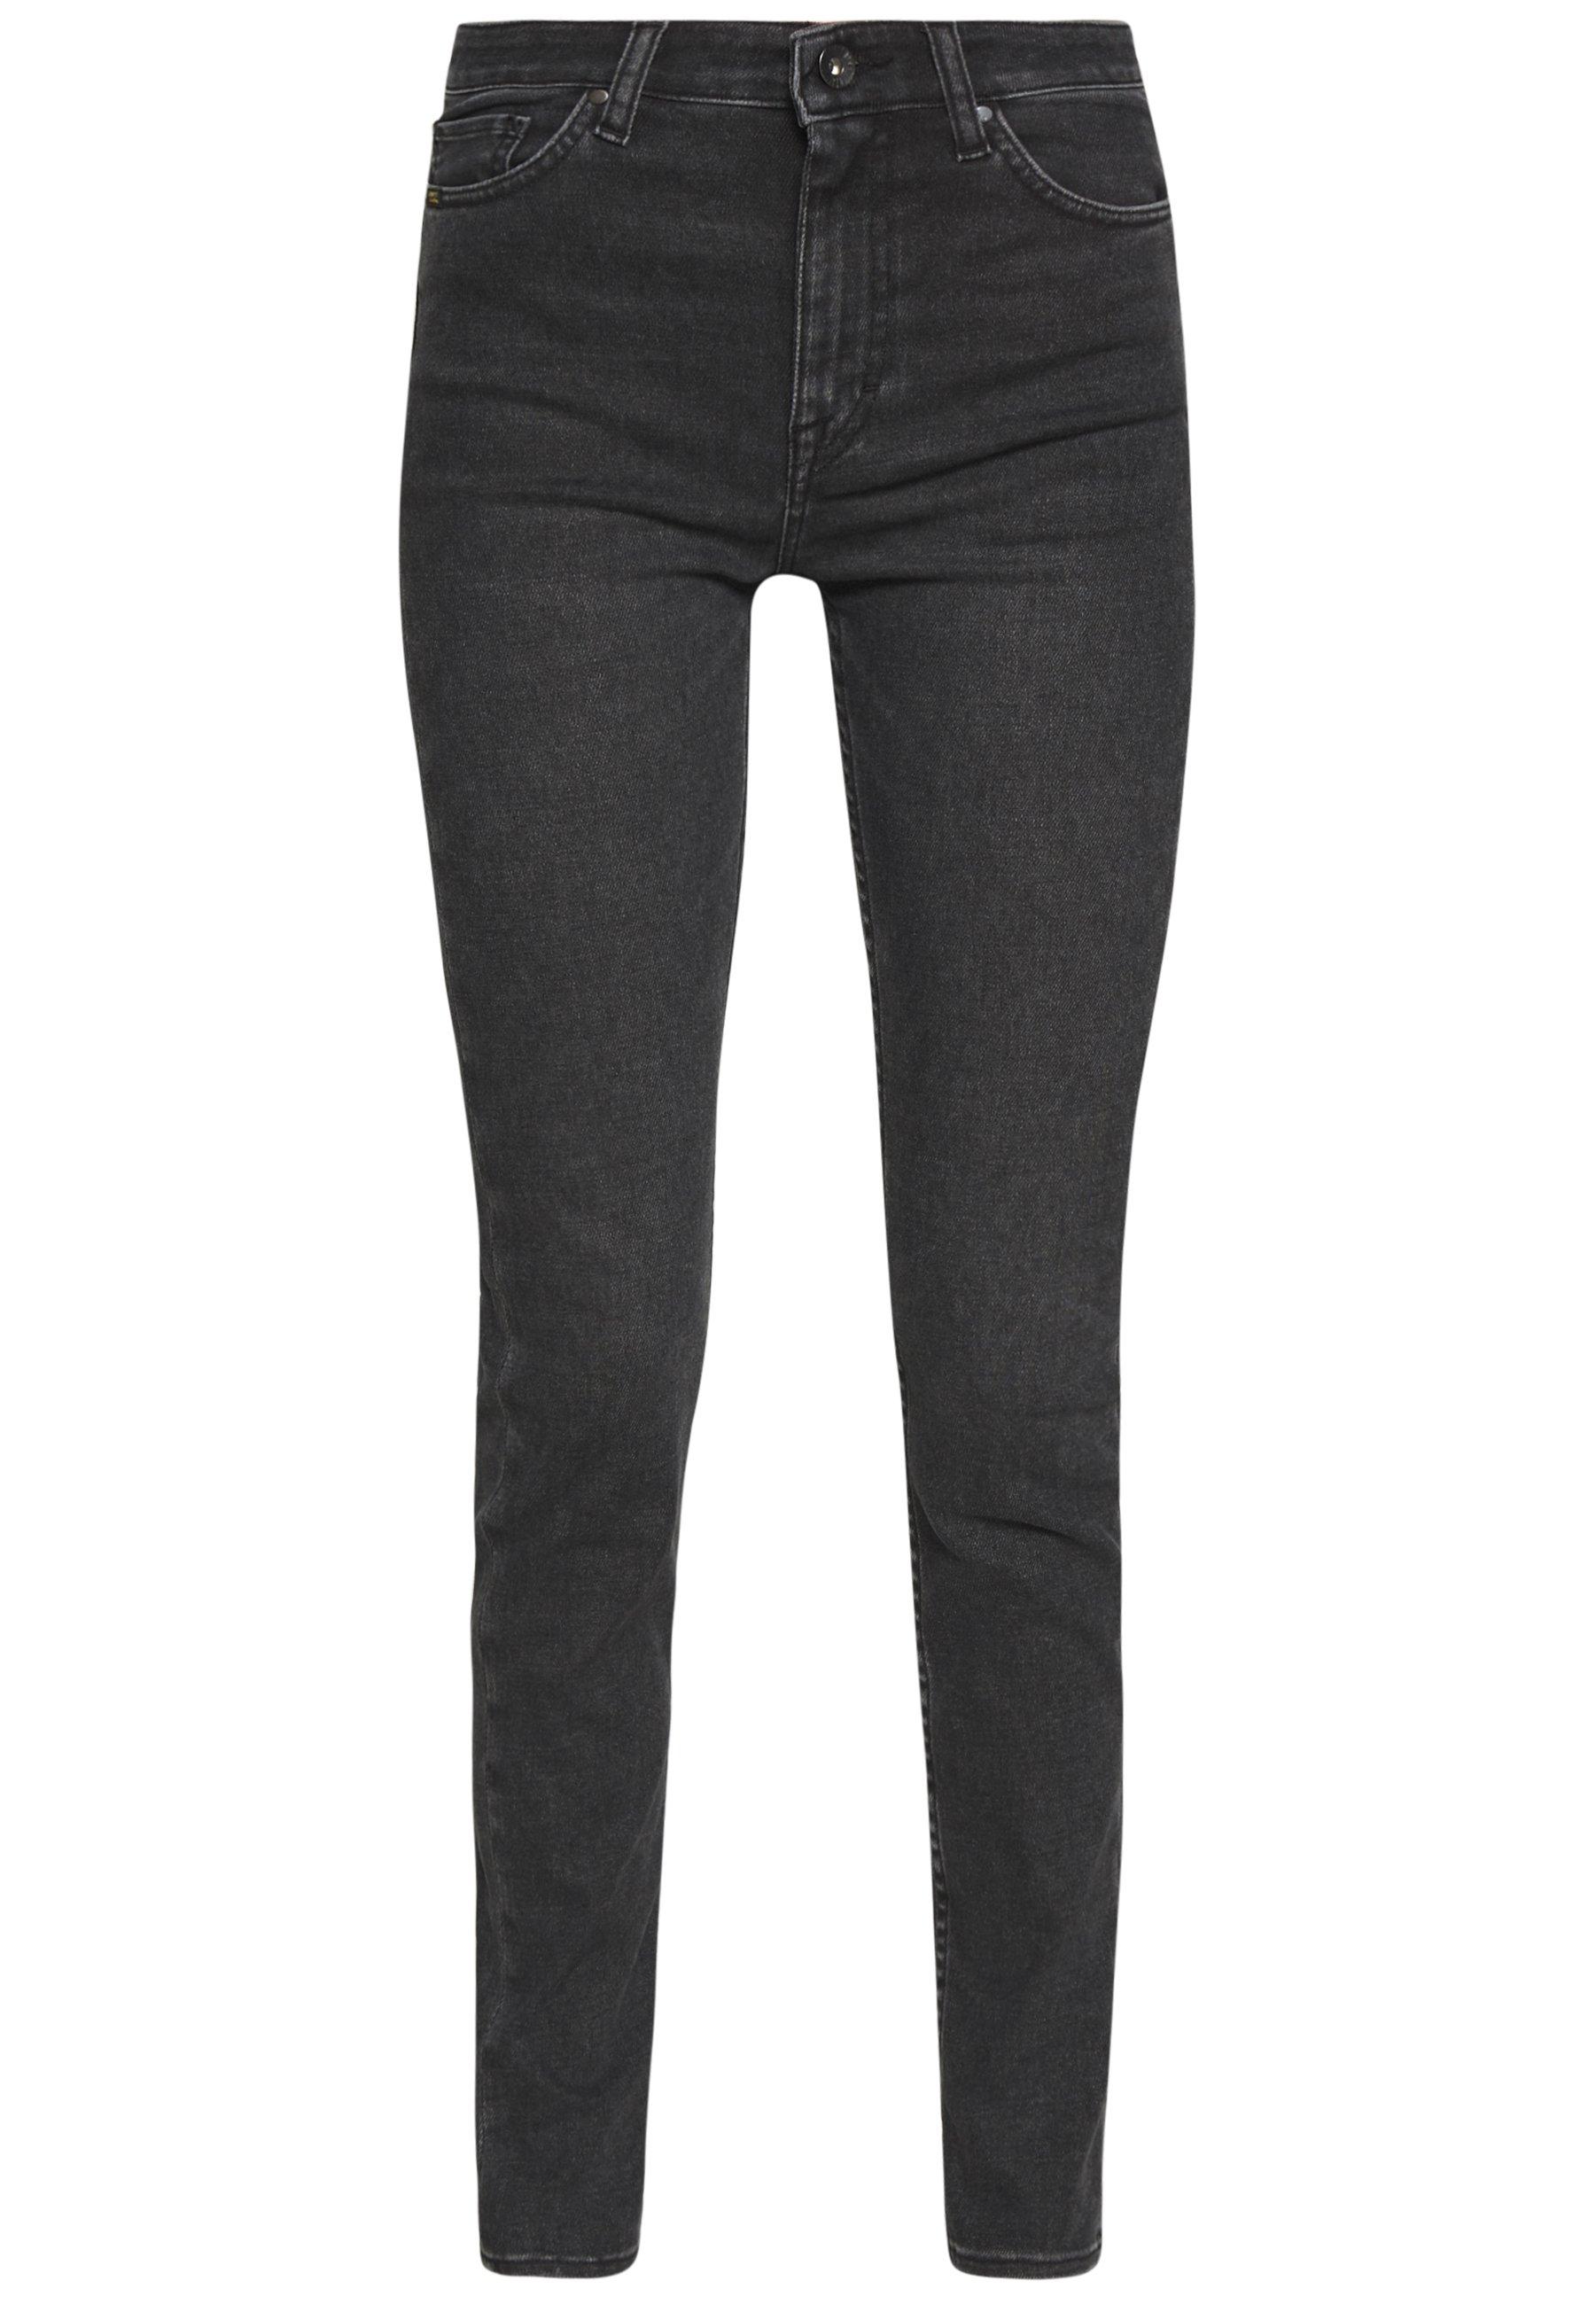 Tiger Of Sweden Jeans Shelly - Skinny Fit Black UK